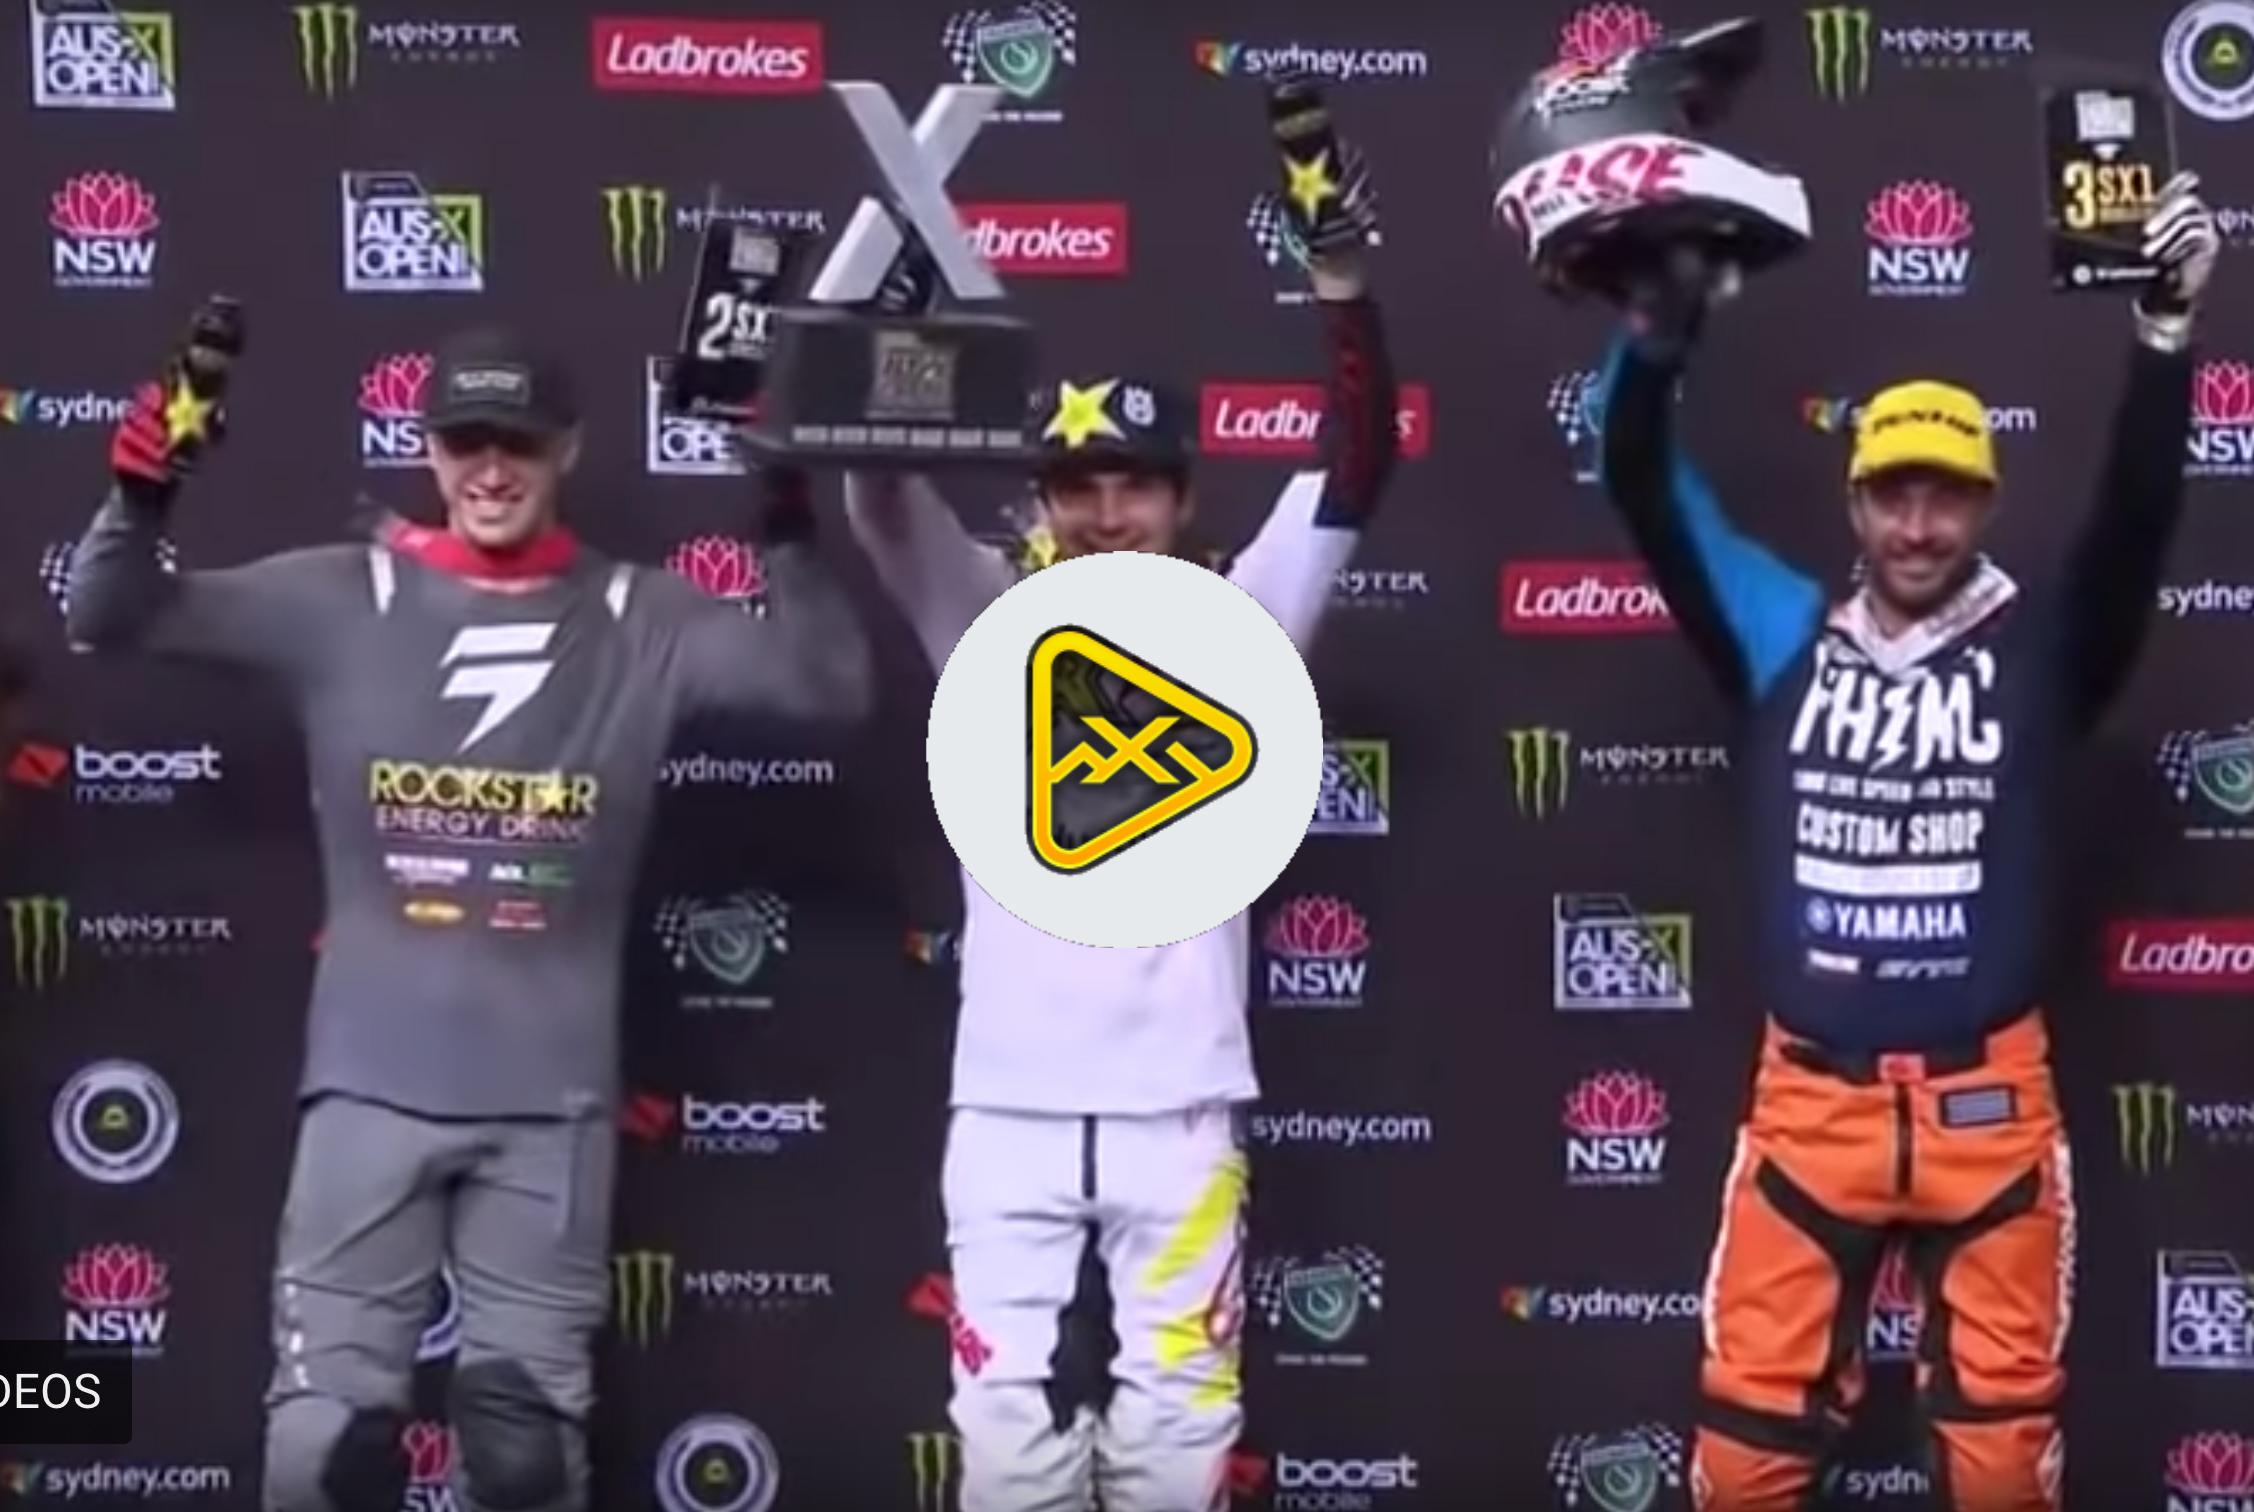 Watch 2018 AUS-X Open SX1 Main Events